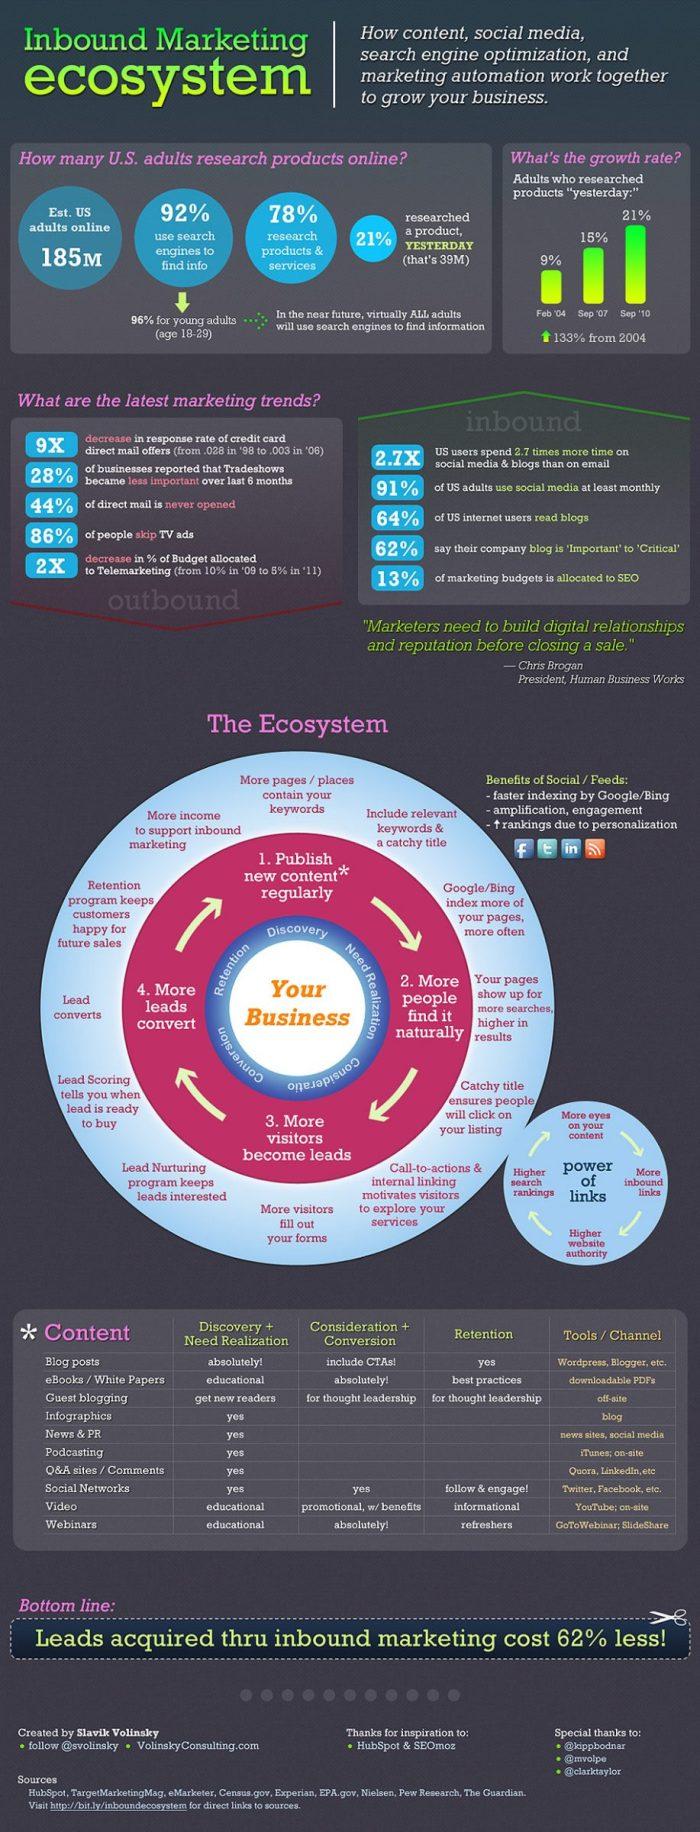 inbound-marketing-ecosystem